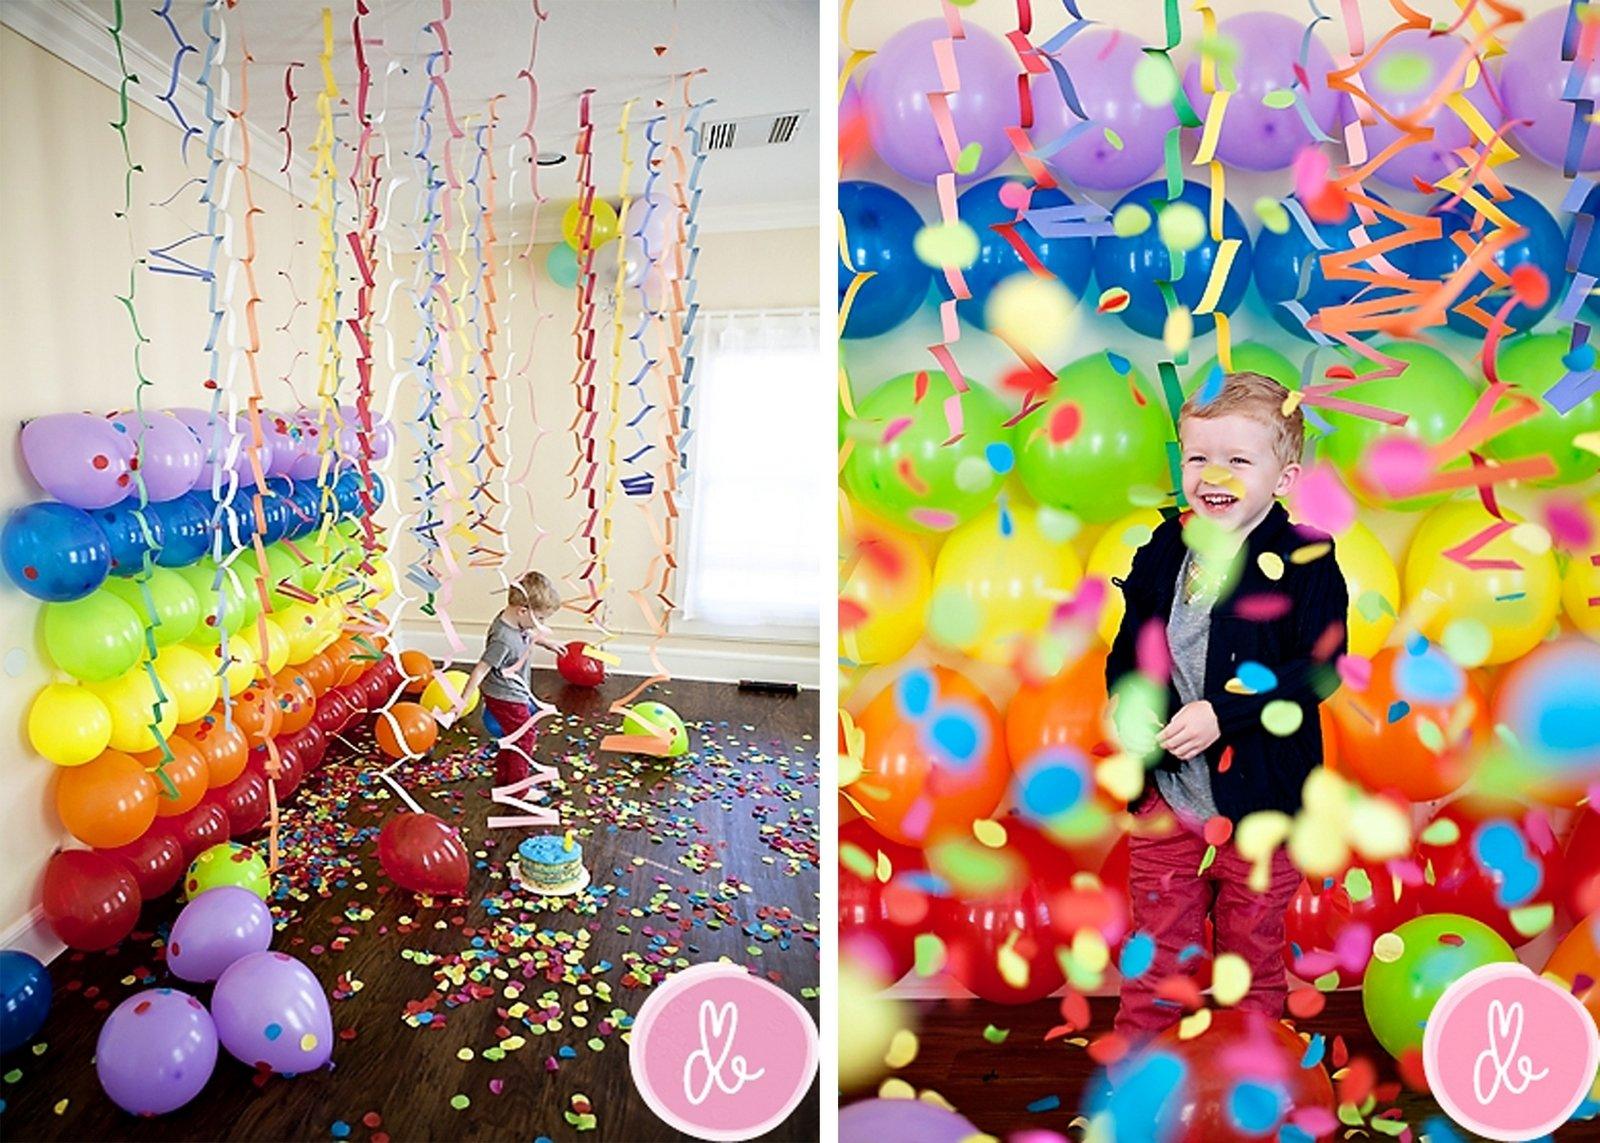 decoracao festa infantil simples12 - Dicas de decoração para festa infantil simples